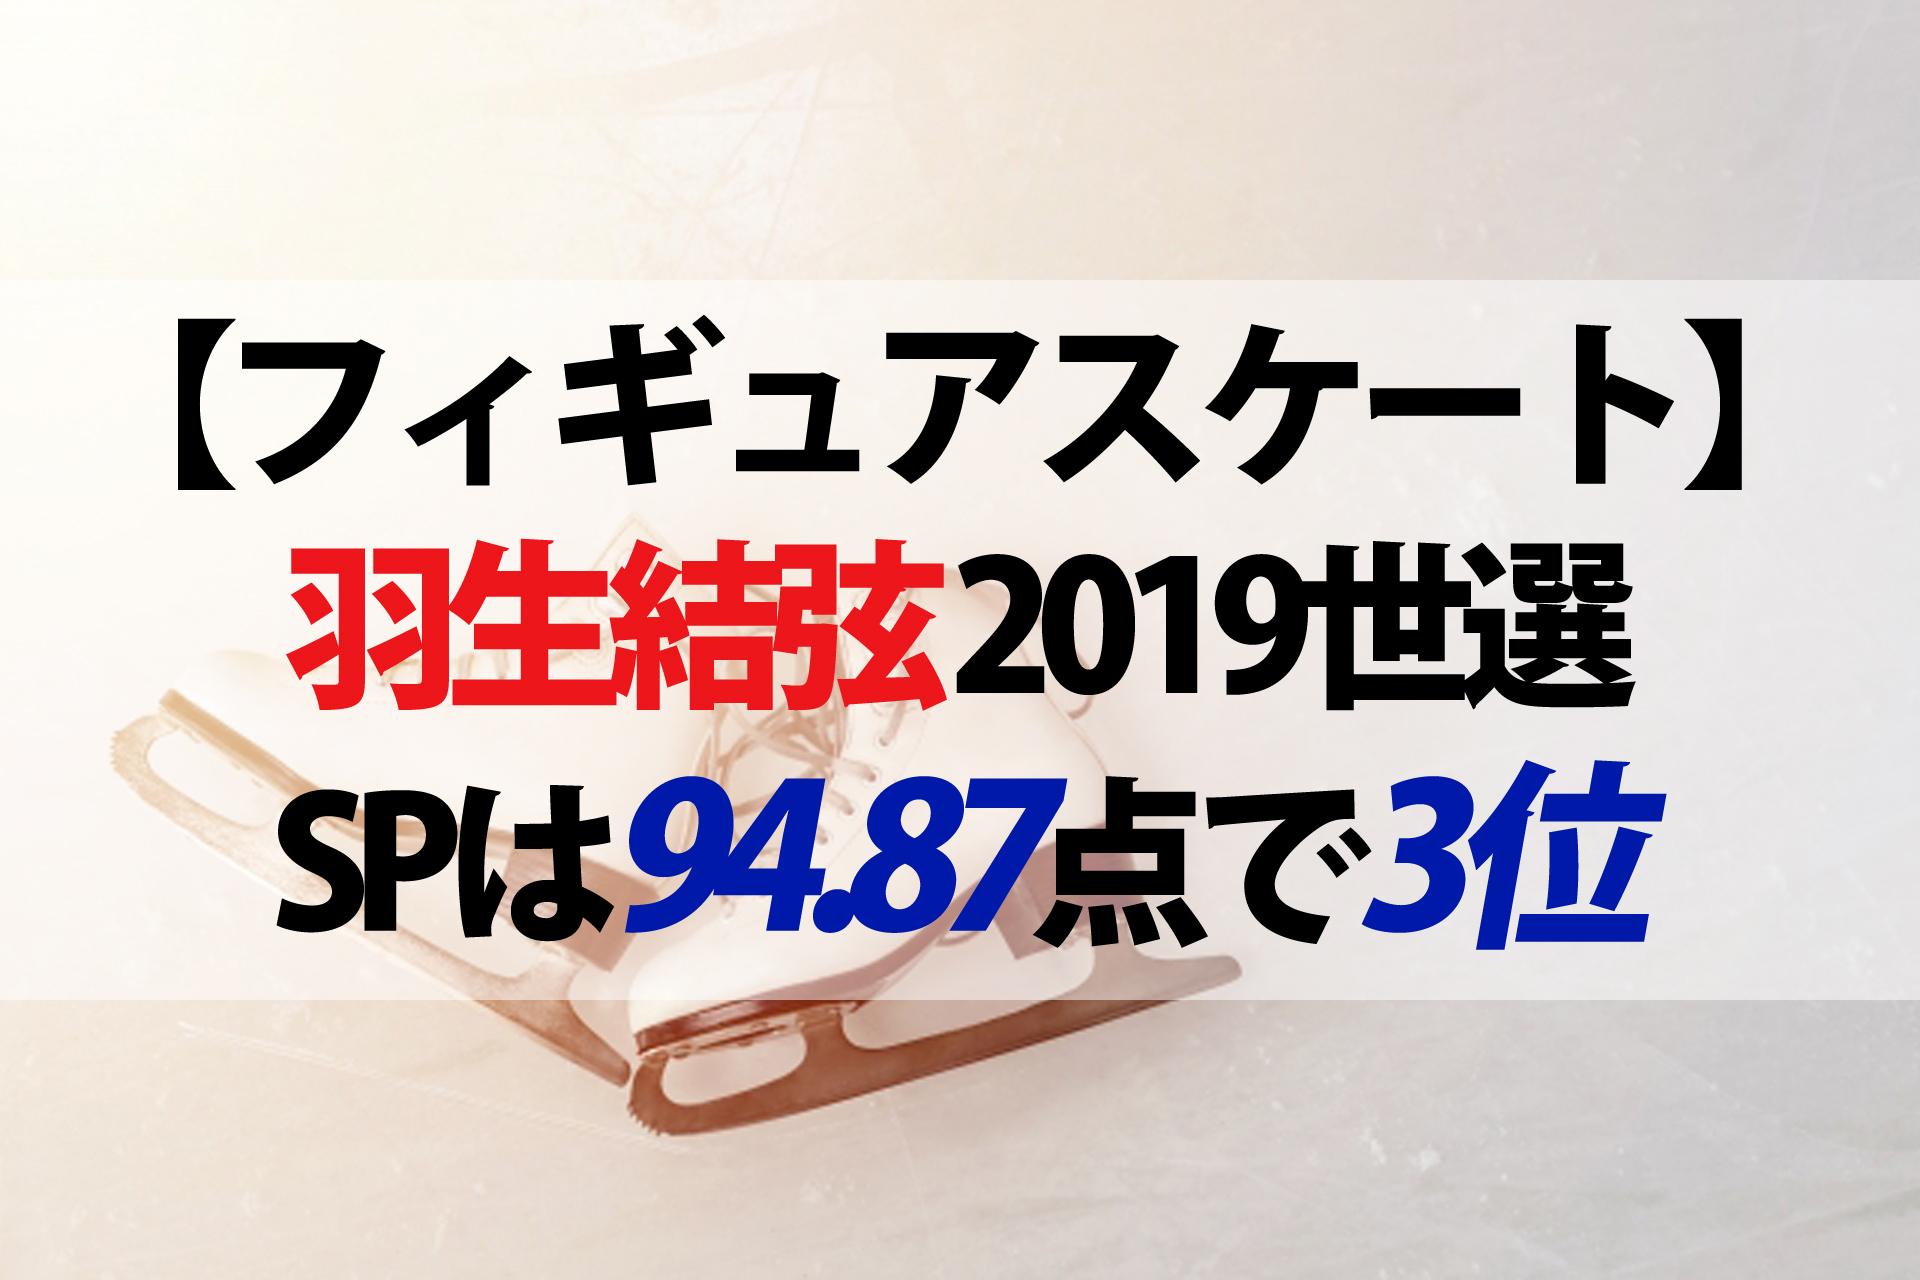 2019世界フィギュア男子SP